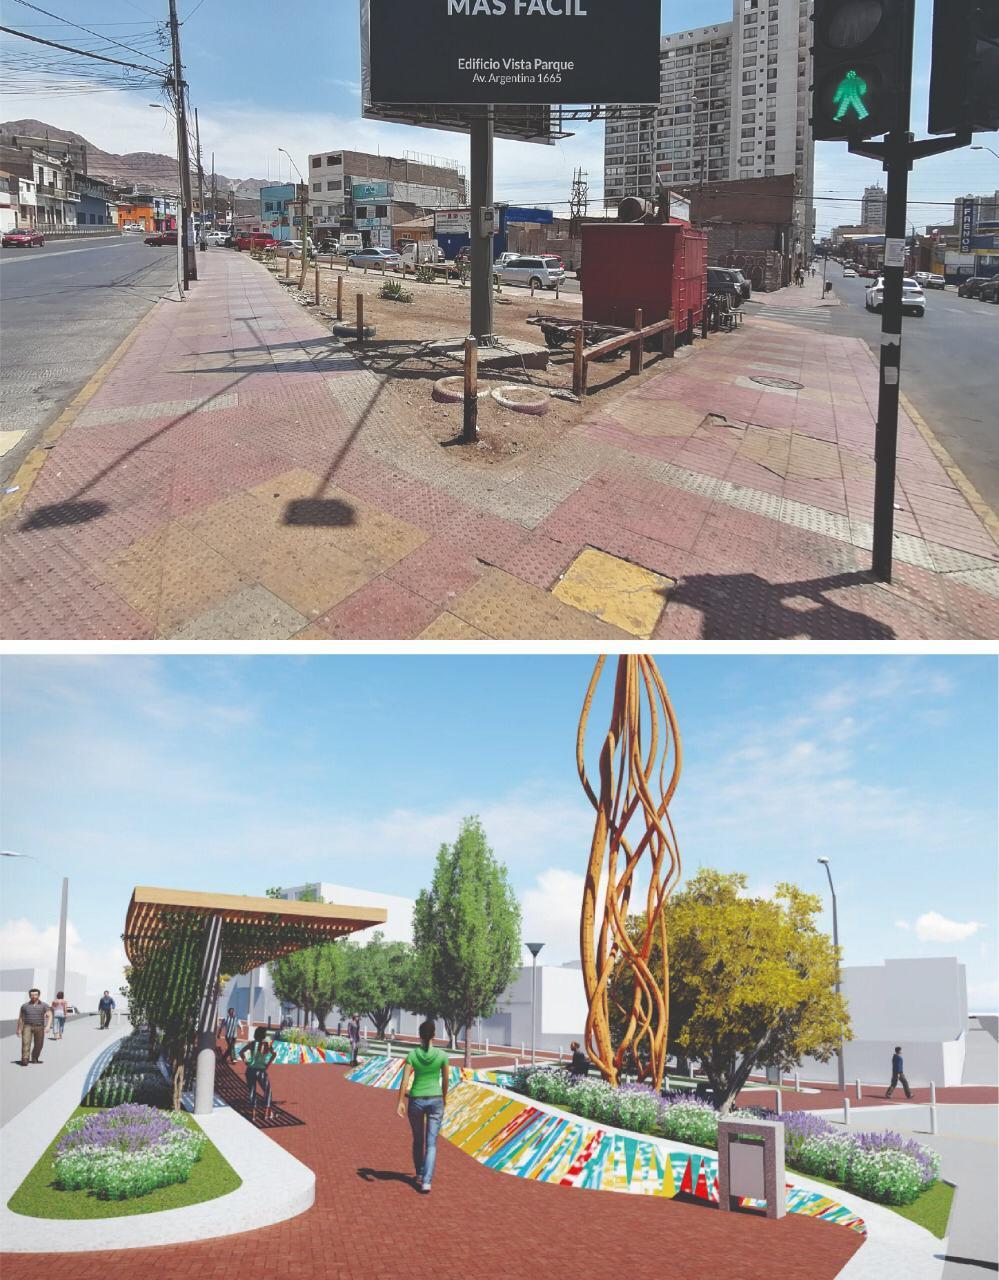 ¡Barrios integrados¡ trabajo multisectorial en sector Estación entregará nuevos espacios a la comunidad